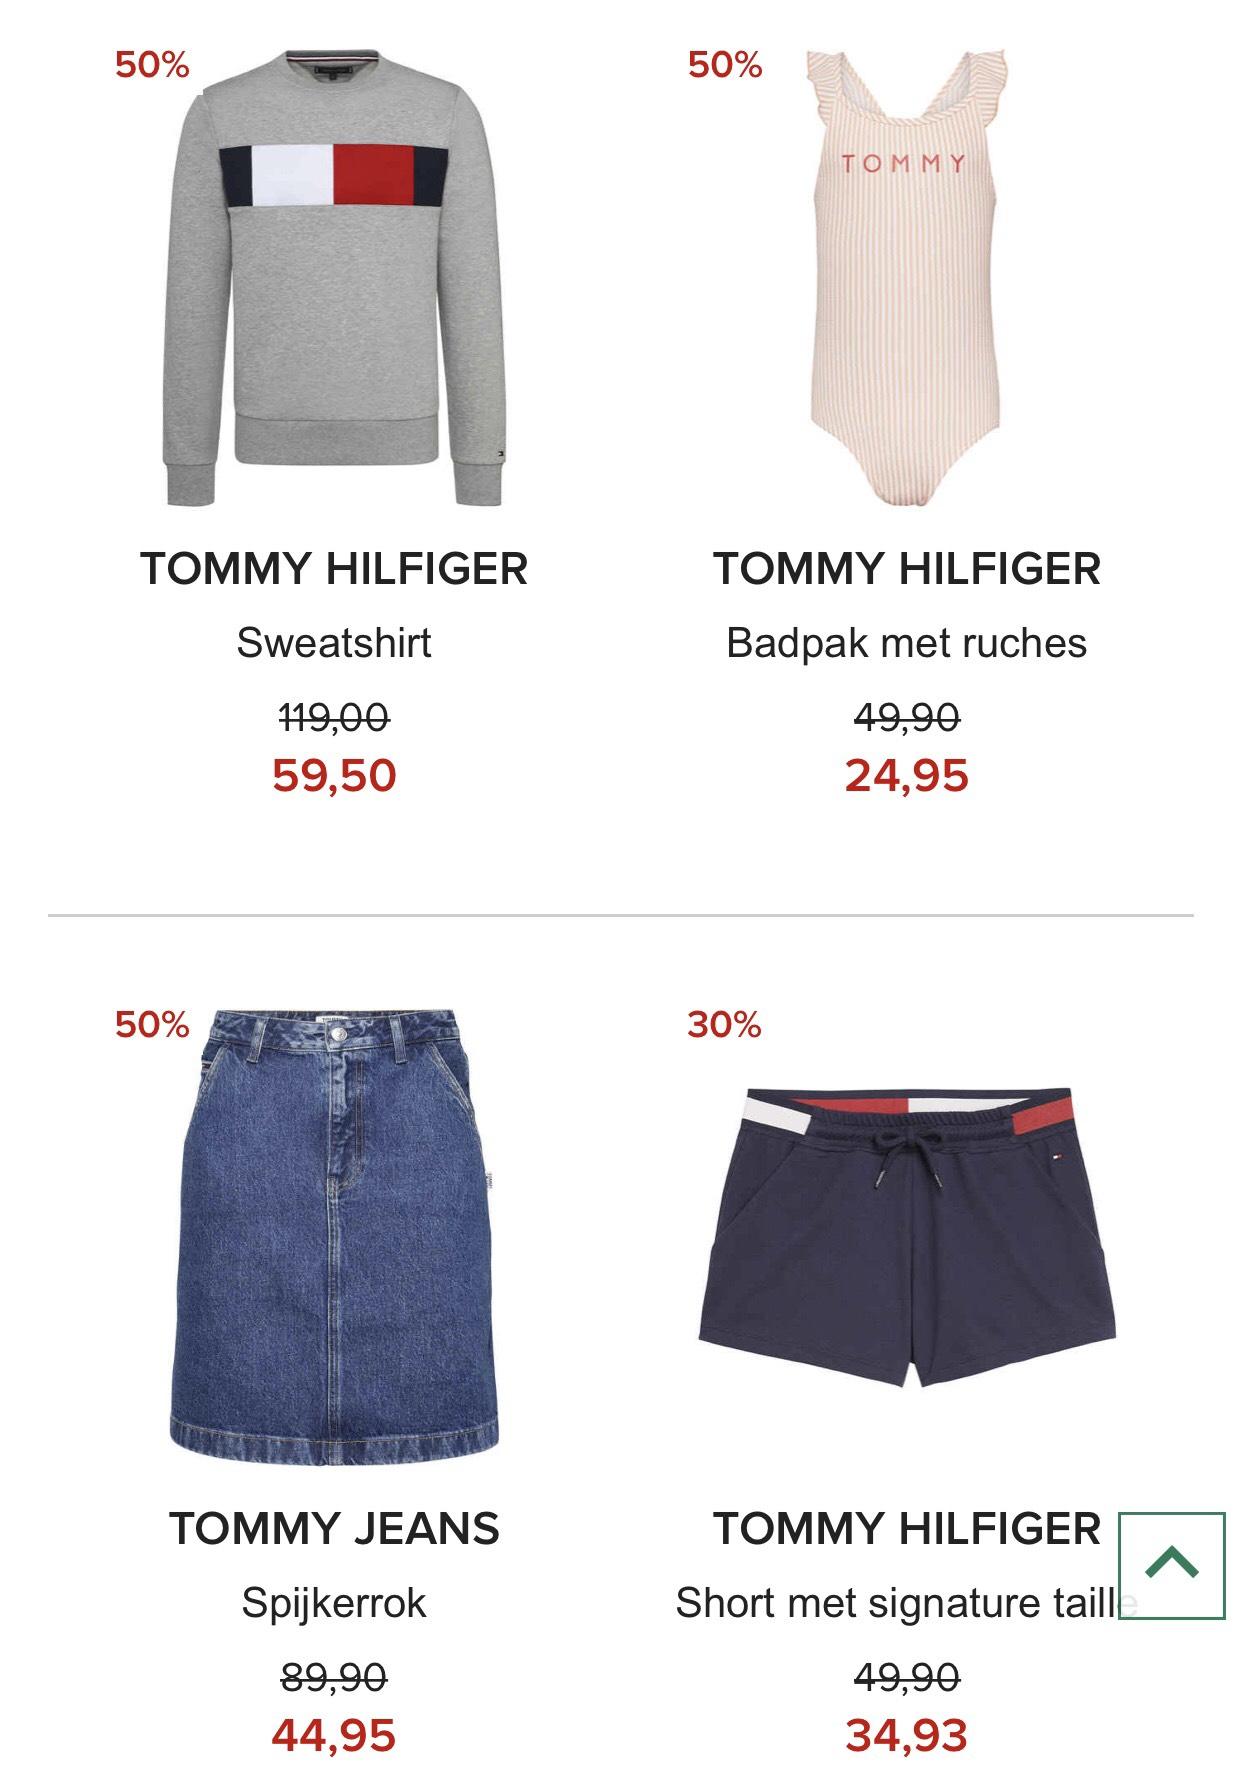 SALE tot -50% korting TOMMY HILFIGER/TOMMY JEANS dames/heren/kids @ Hudson's Bay